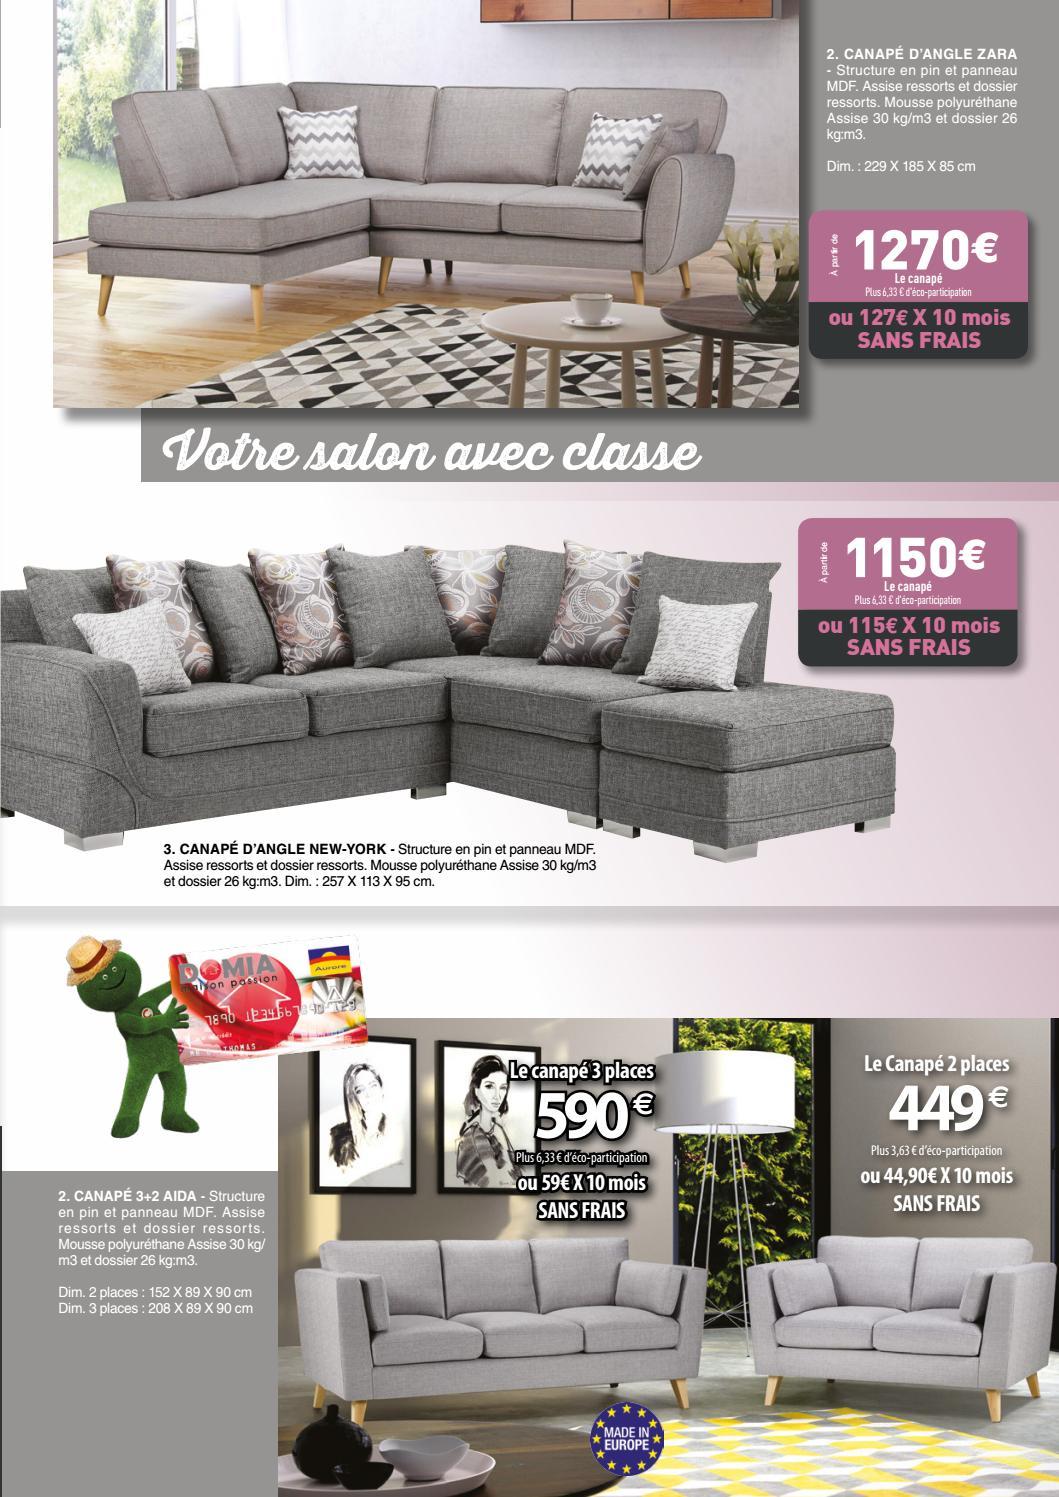 Mousse Polyuréthane 30 Kg M3 Canapé catalogue domia octobre 2016domia - issuu